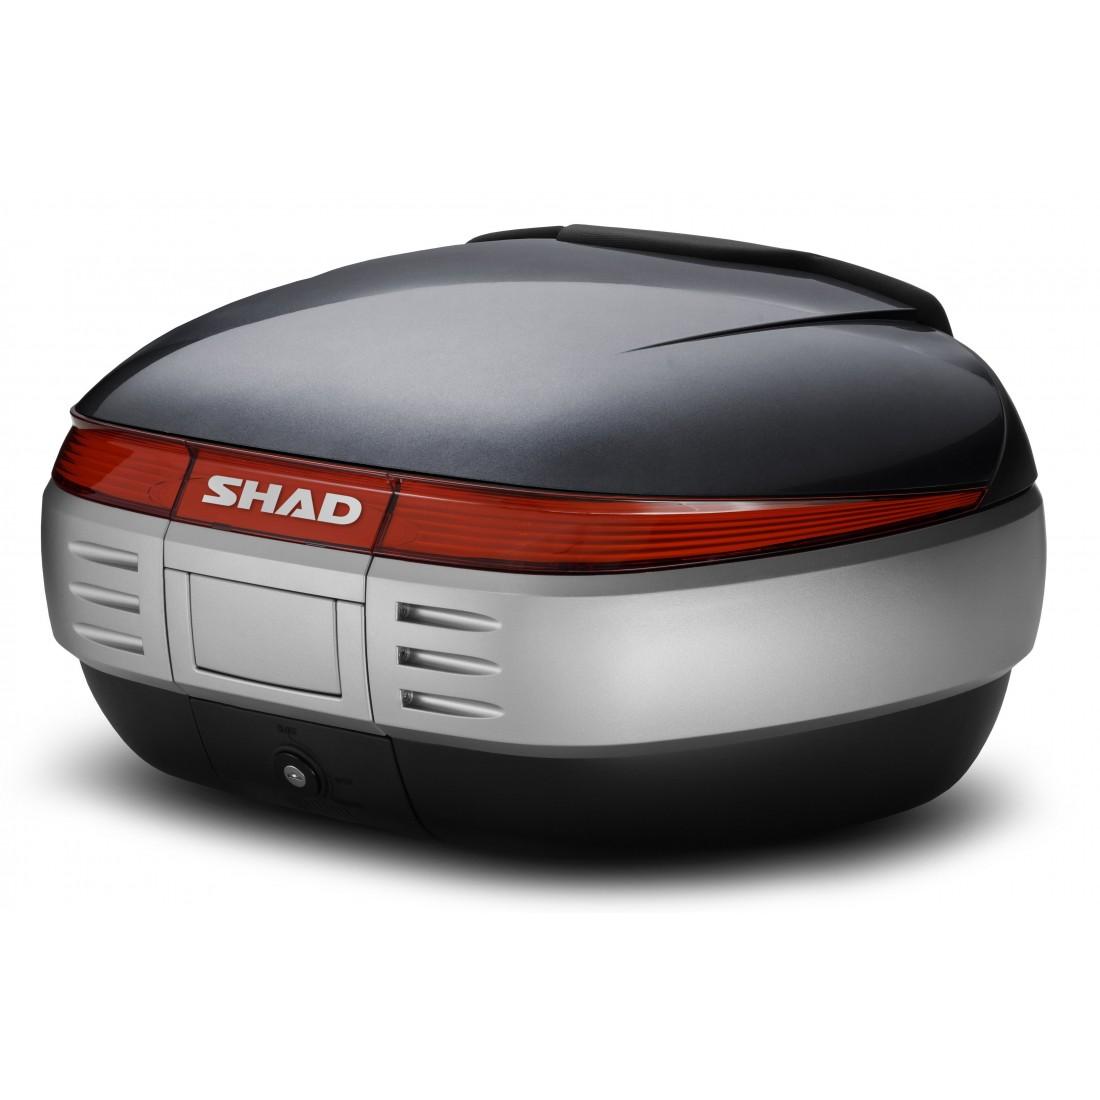 Tapa Baúl Shad SH50 50lt Titanium